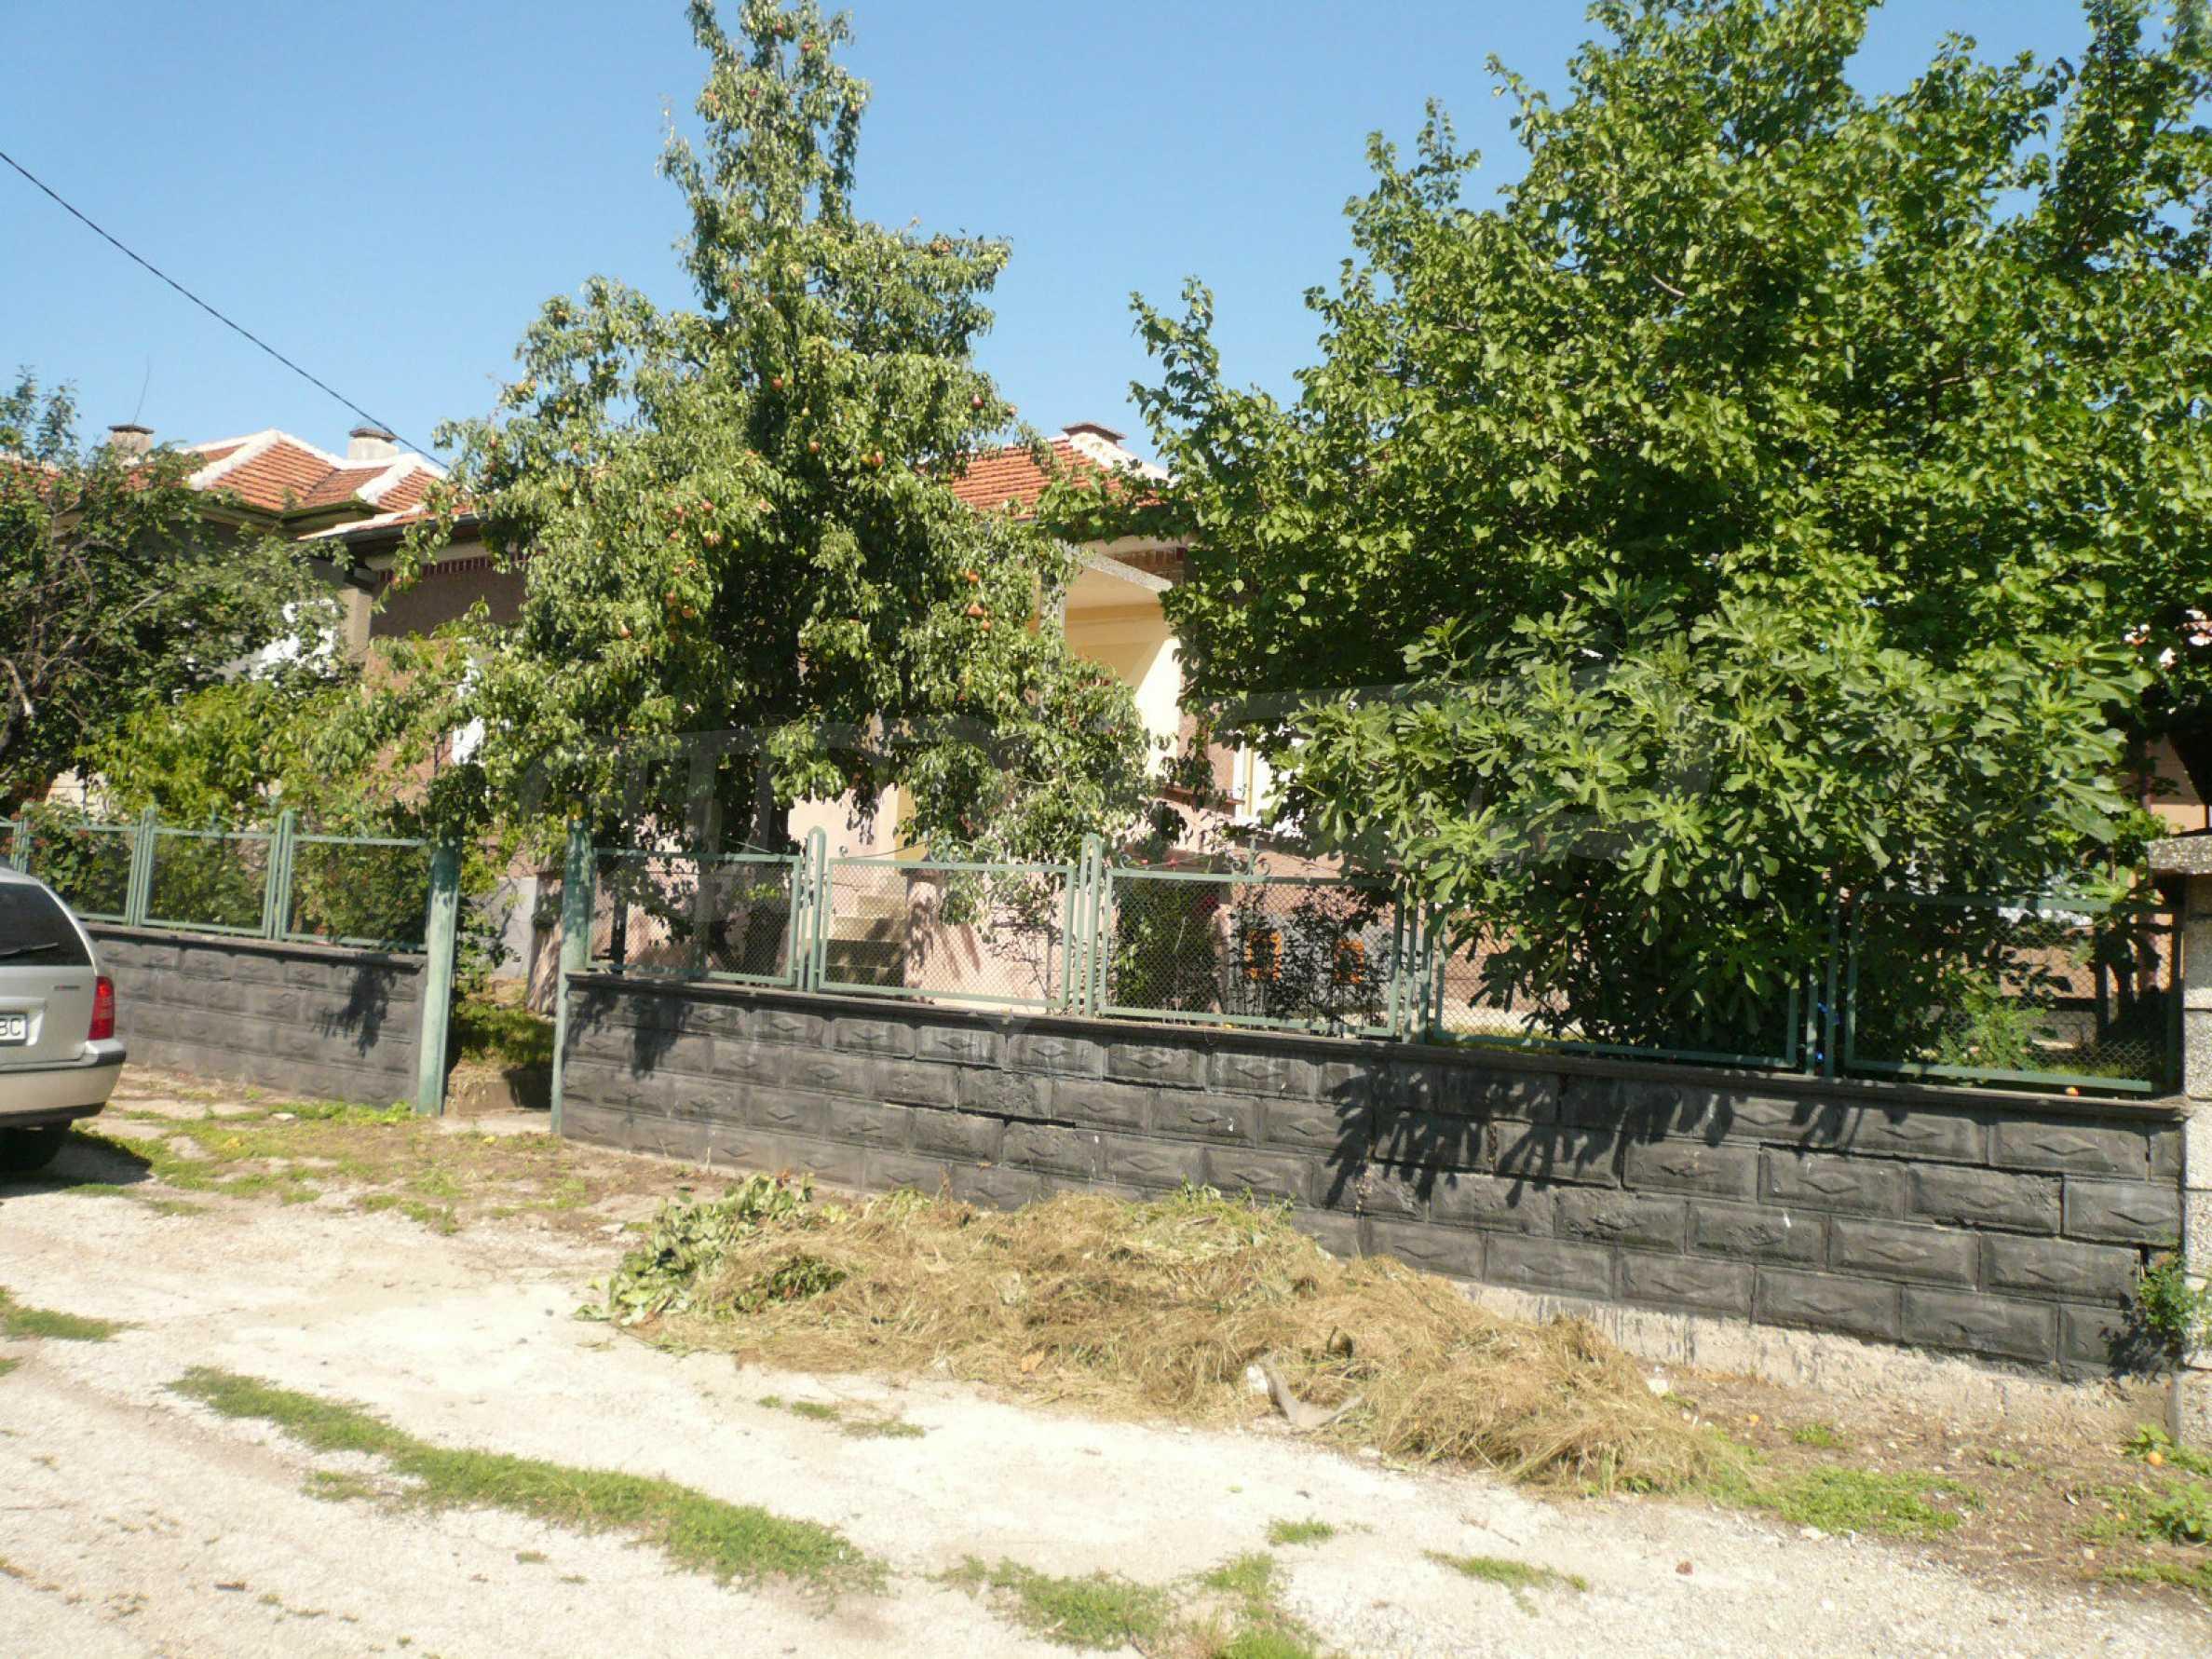 Ländliche Häuser mit einem Garten 12 km von Vidin entfernt 25